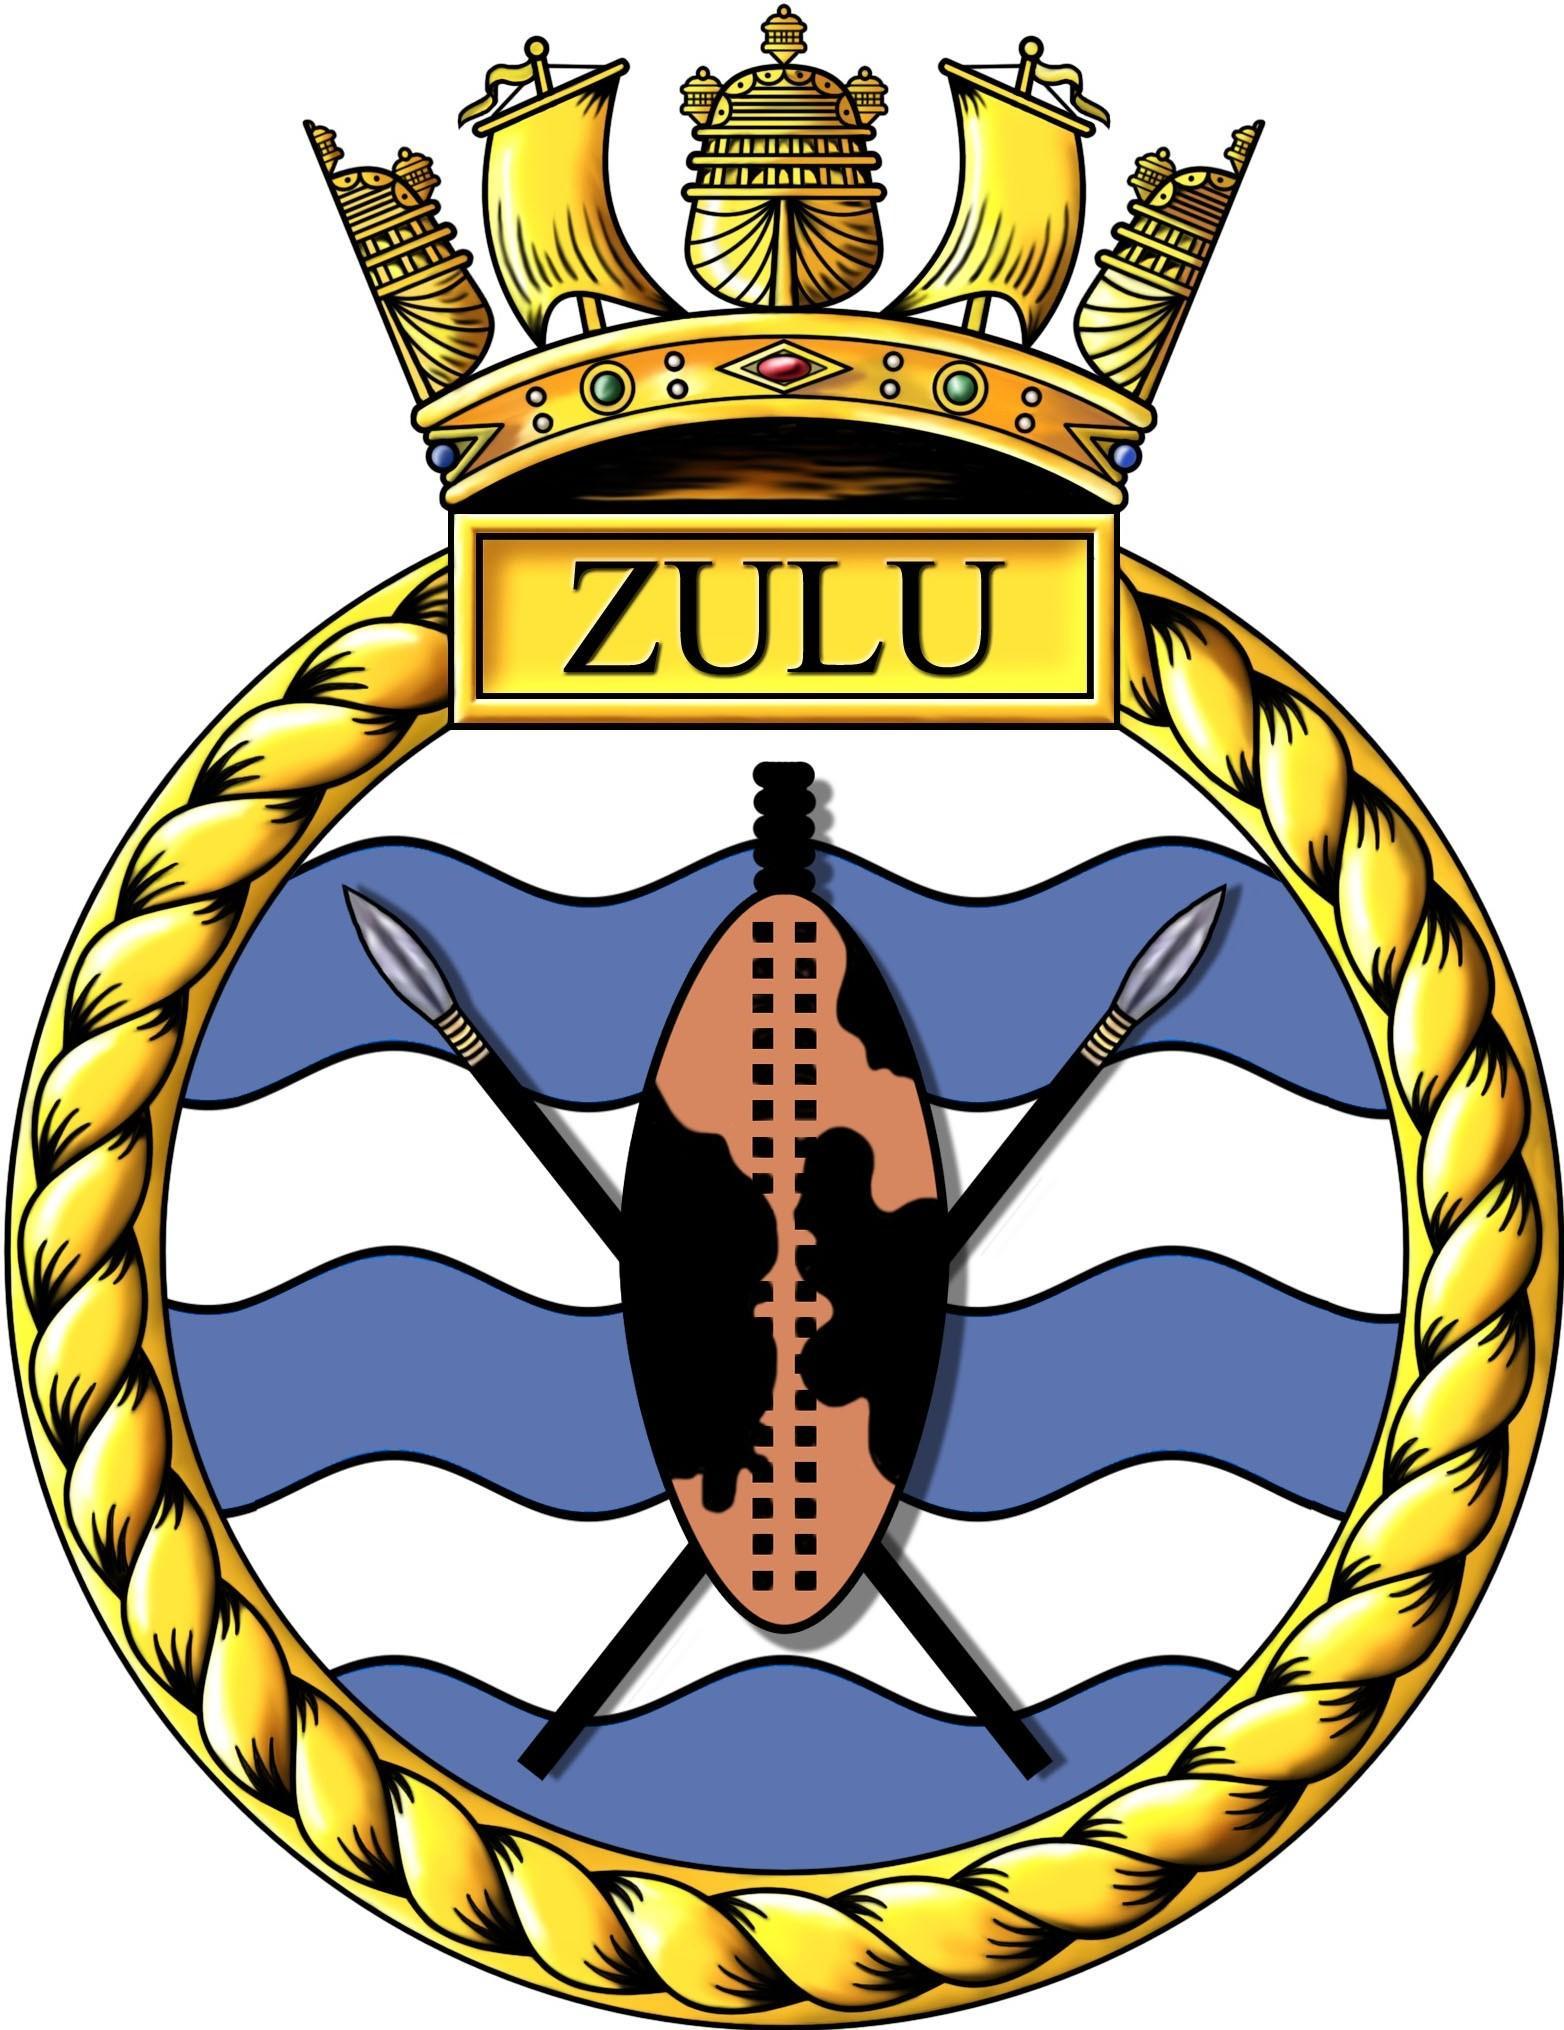 Zulu Shield - ClipArt Best Zulu Shield Drawing